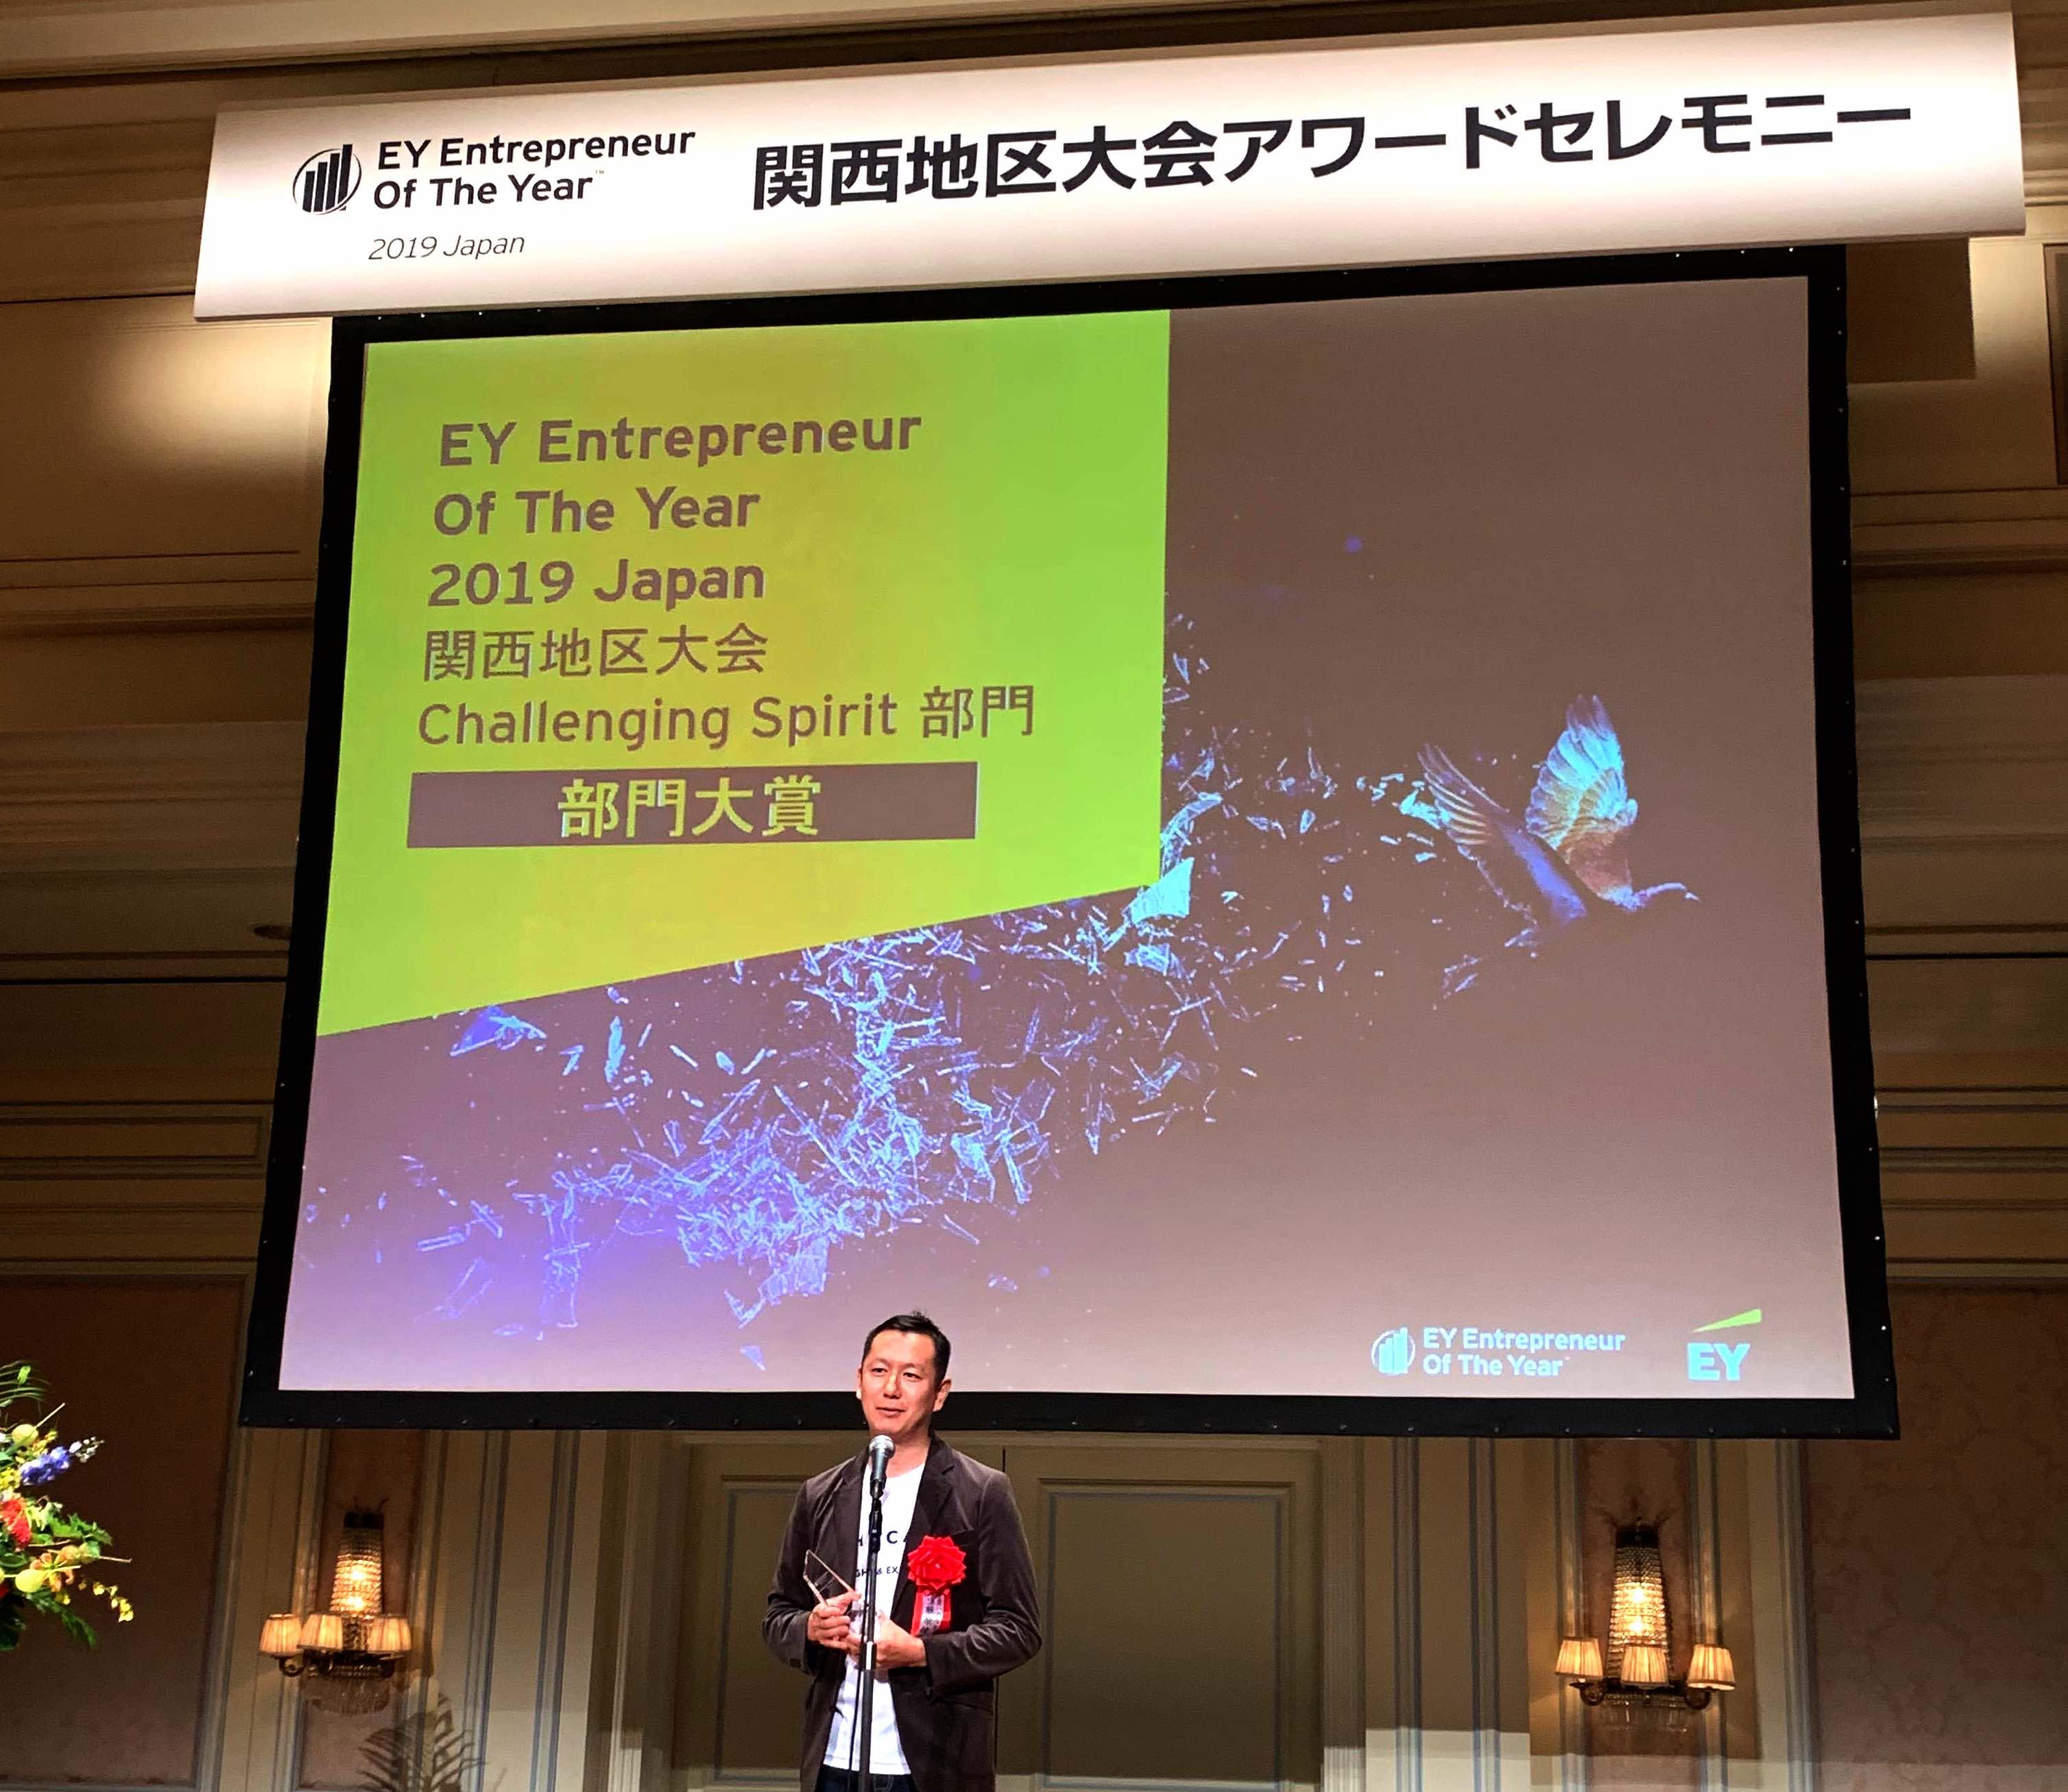 ハカルス代表の藤原健真が「EY アントレプレナー・オブ・ザ・イヤー 2019ジャパン 関西地区大会」においてチャレンジング・スピリット部門 大賞を受賞